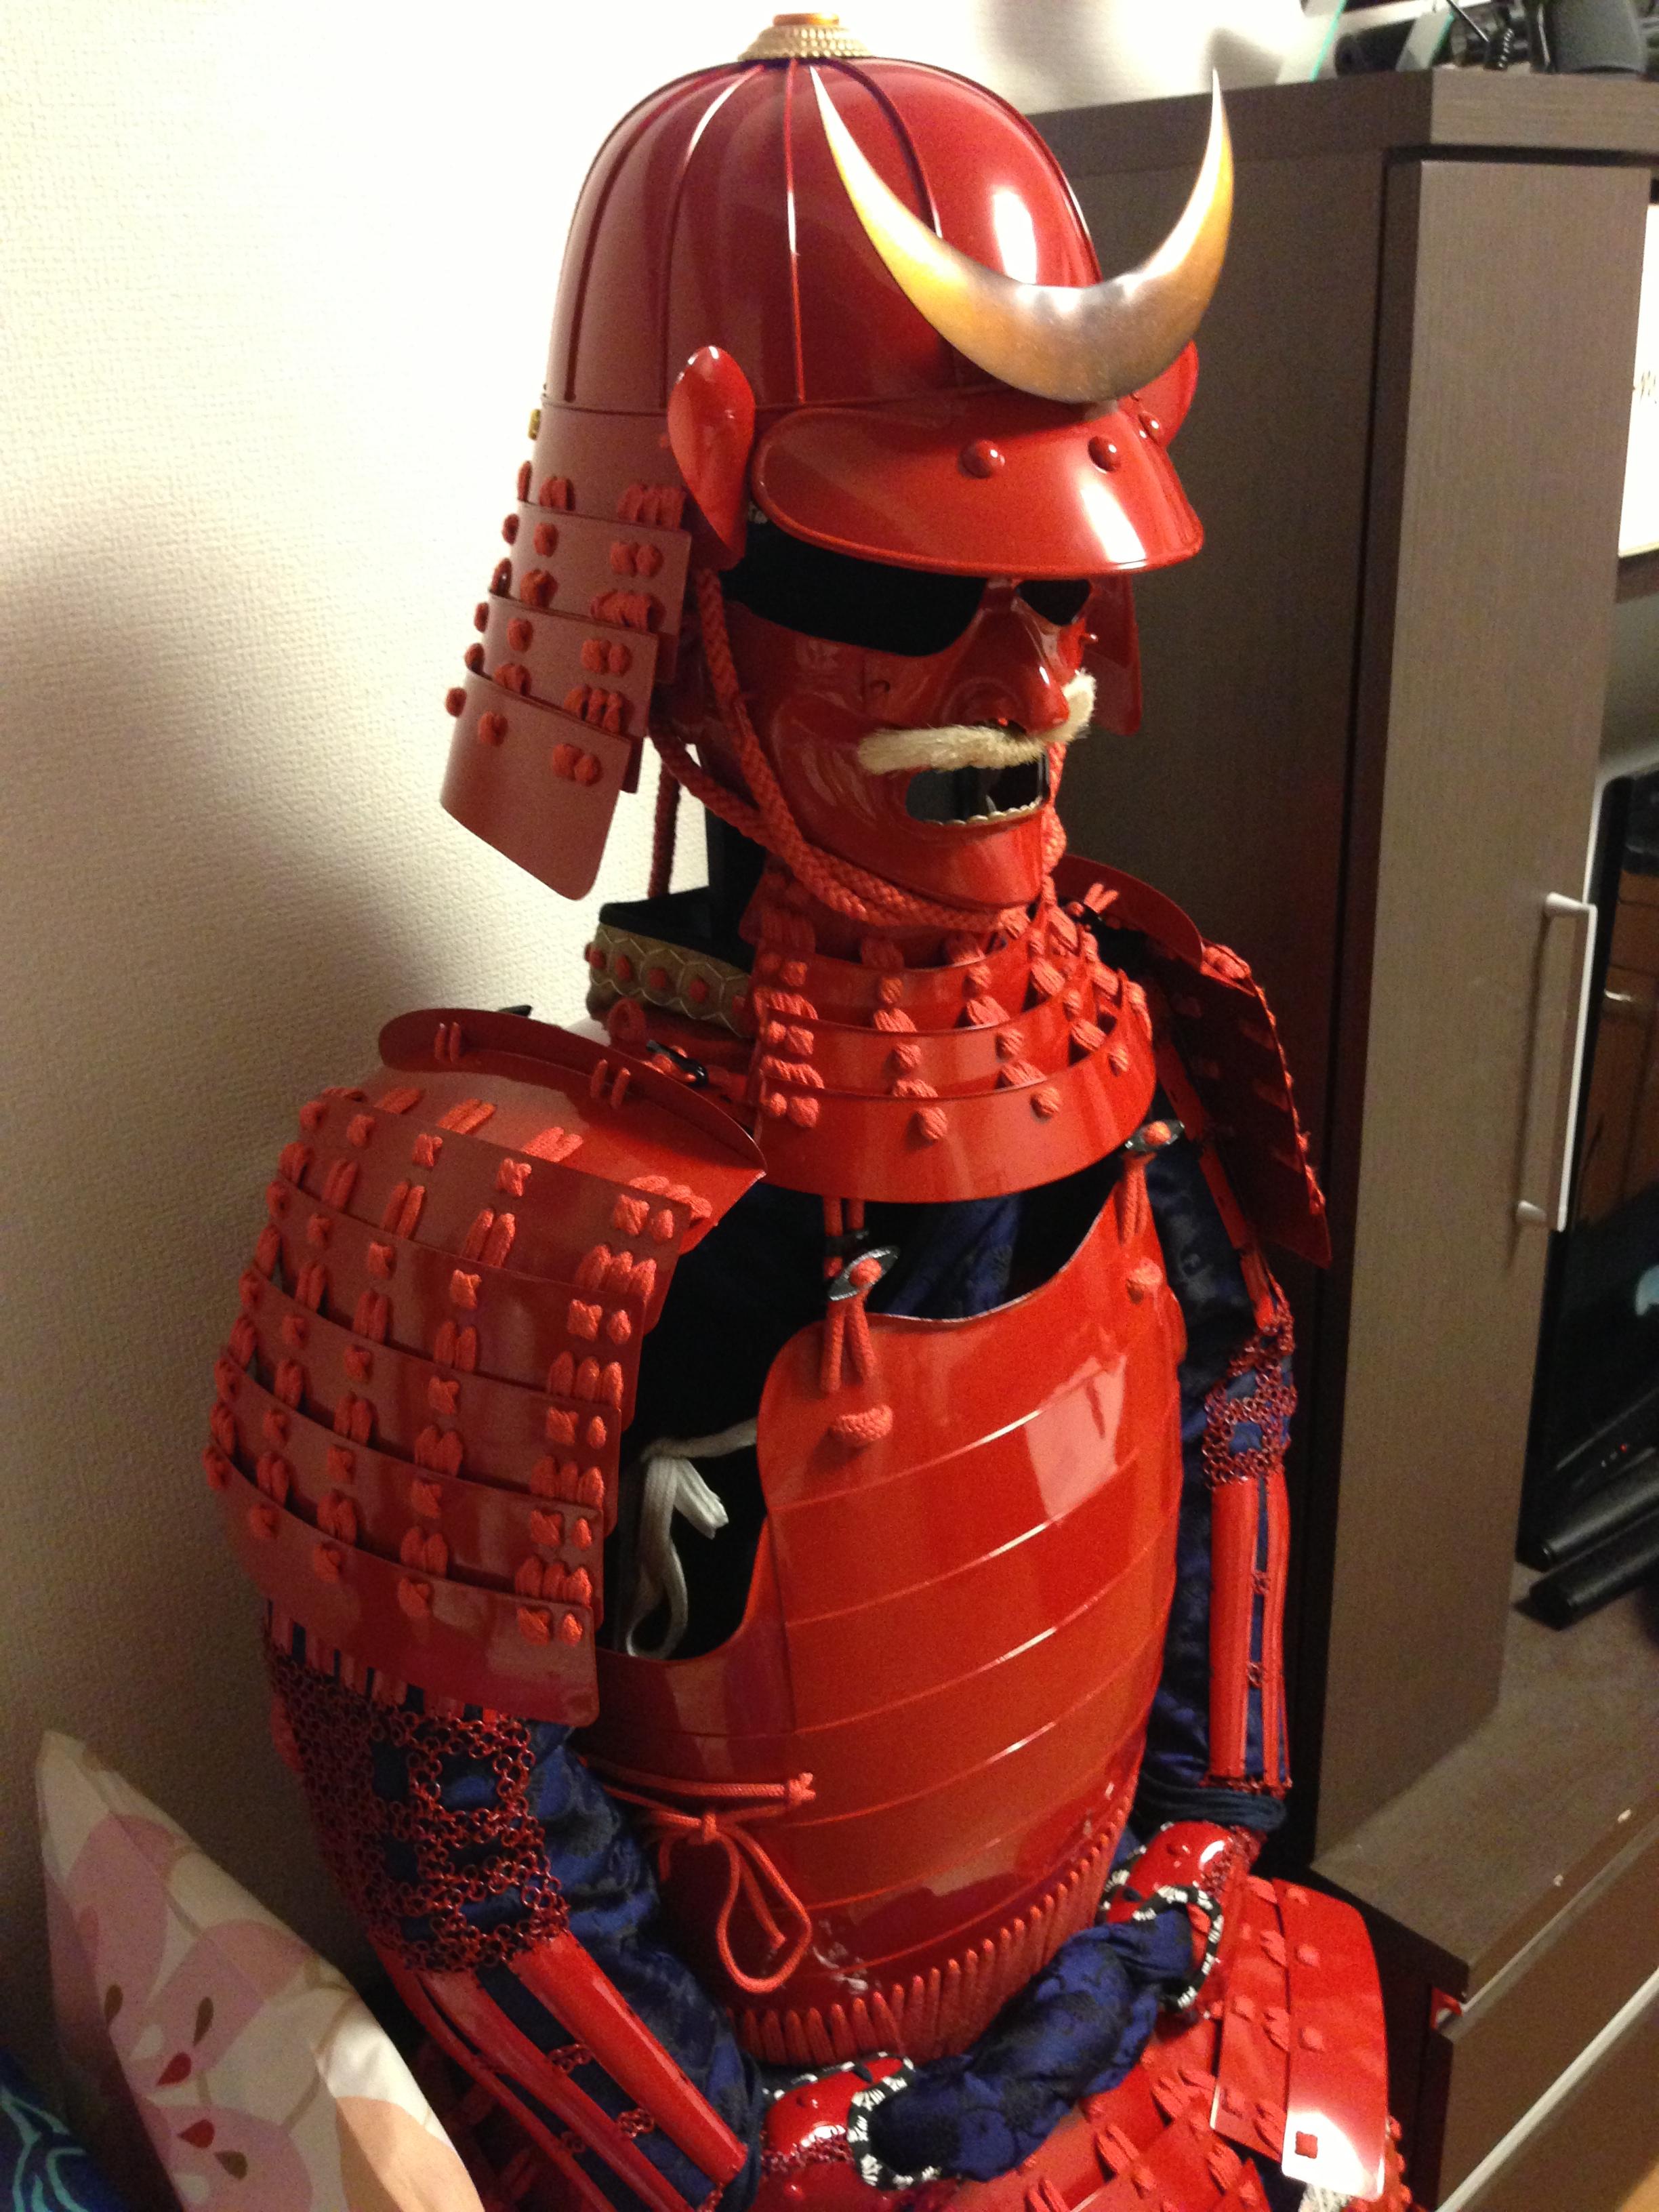 赤糸威赤桶側二枚胴具足(あかいとおどし あかおけがわ にまいどうぐそく).JPG